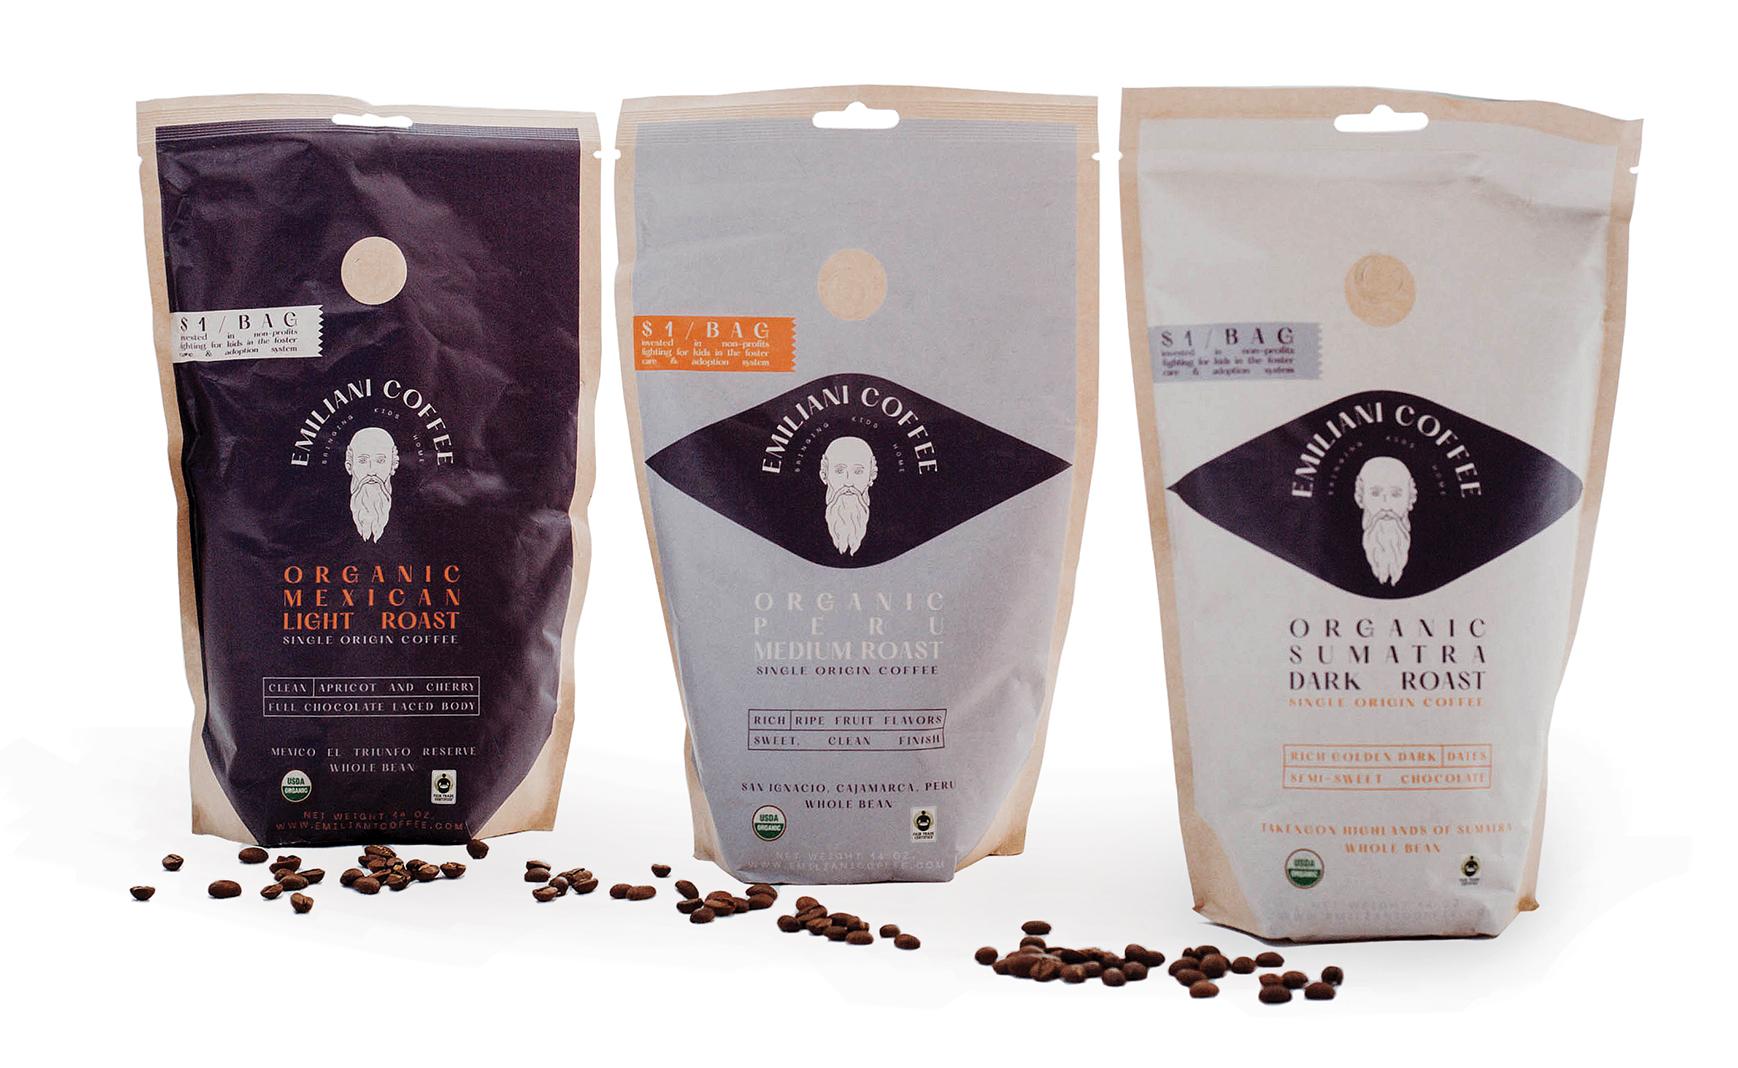 Emiliani Coffee